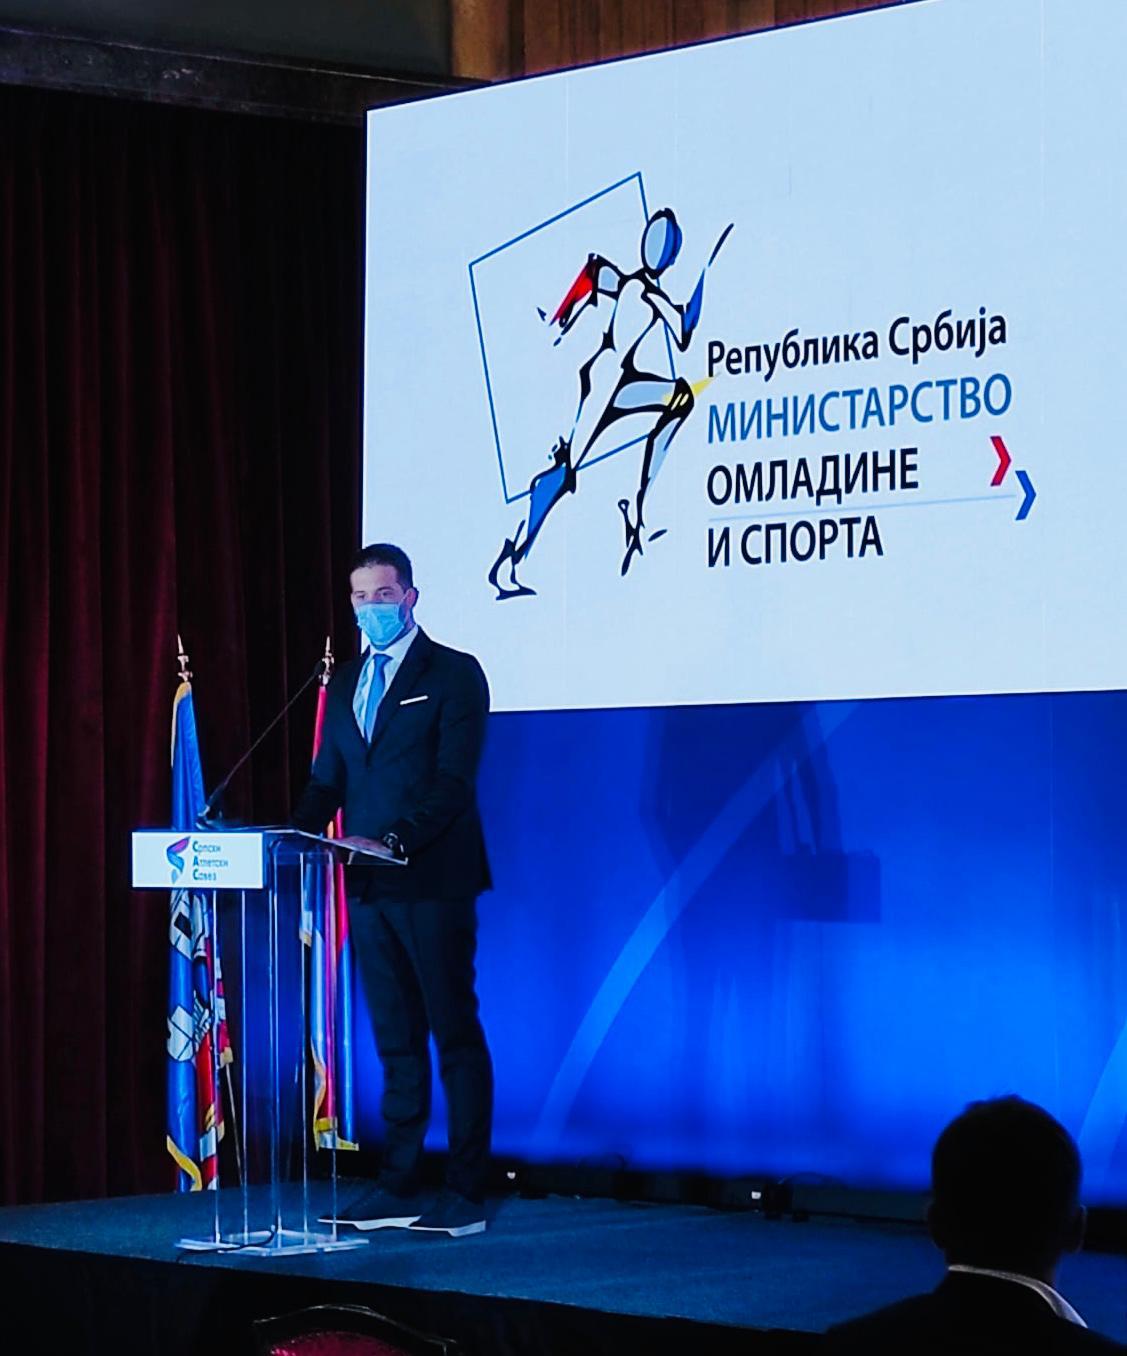 Ministar omladine i sporta Vanja Udovičić  na promociji logoa Svetskog dvoranskog prvenstva u atletici 2022. godine